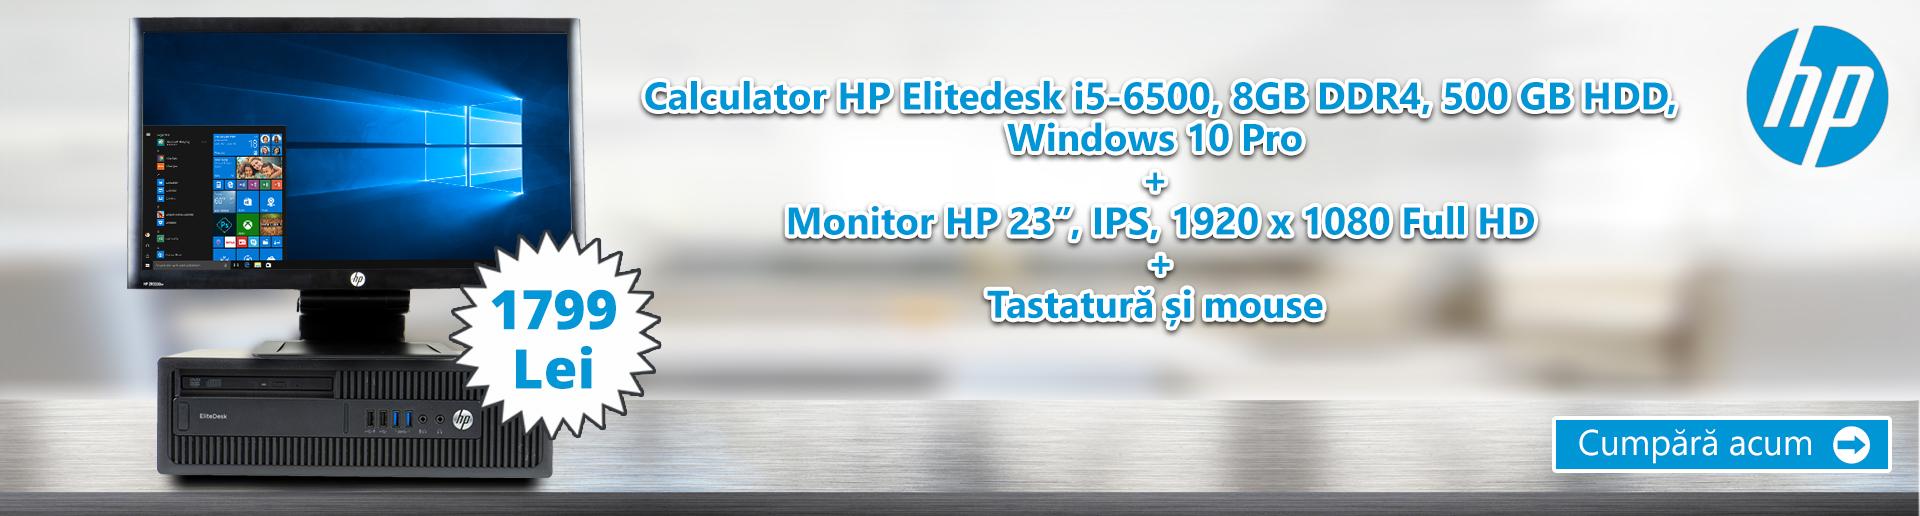 HP 800g2 full